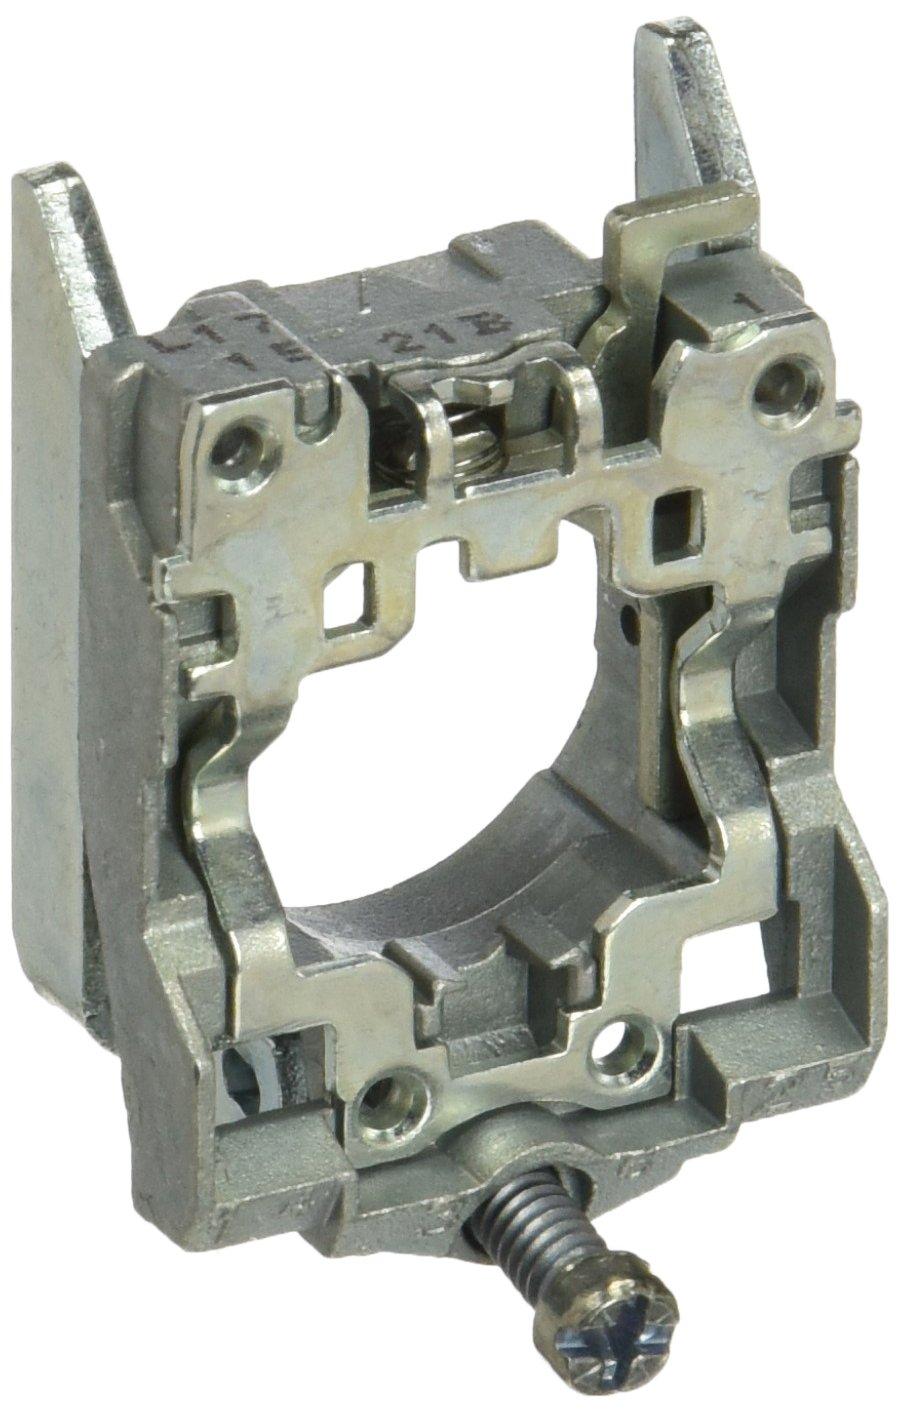 Durchmesser 18 mm Schneider E818109 Druckluftrohr bis 15 Bar Druck 25 m Rolle